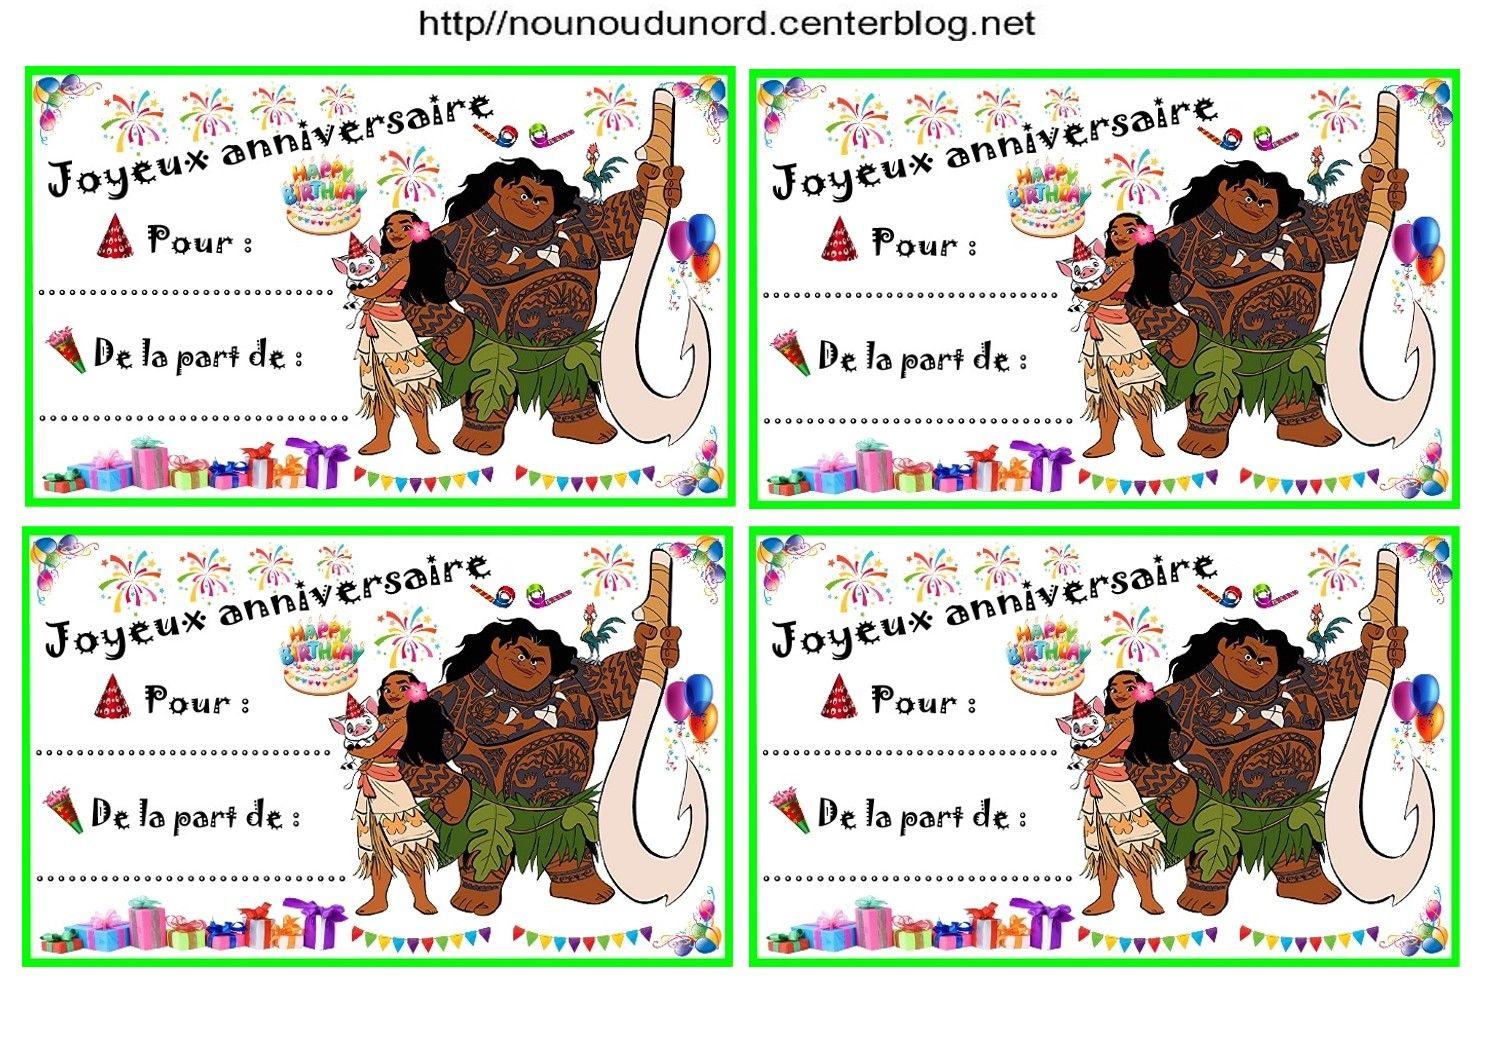 Fabuleux Anniversaire : Etiquettes cadeaux et invitations VAIANA pour les  ZS69